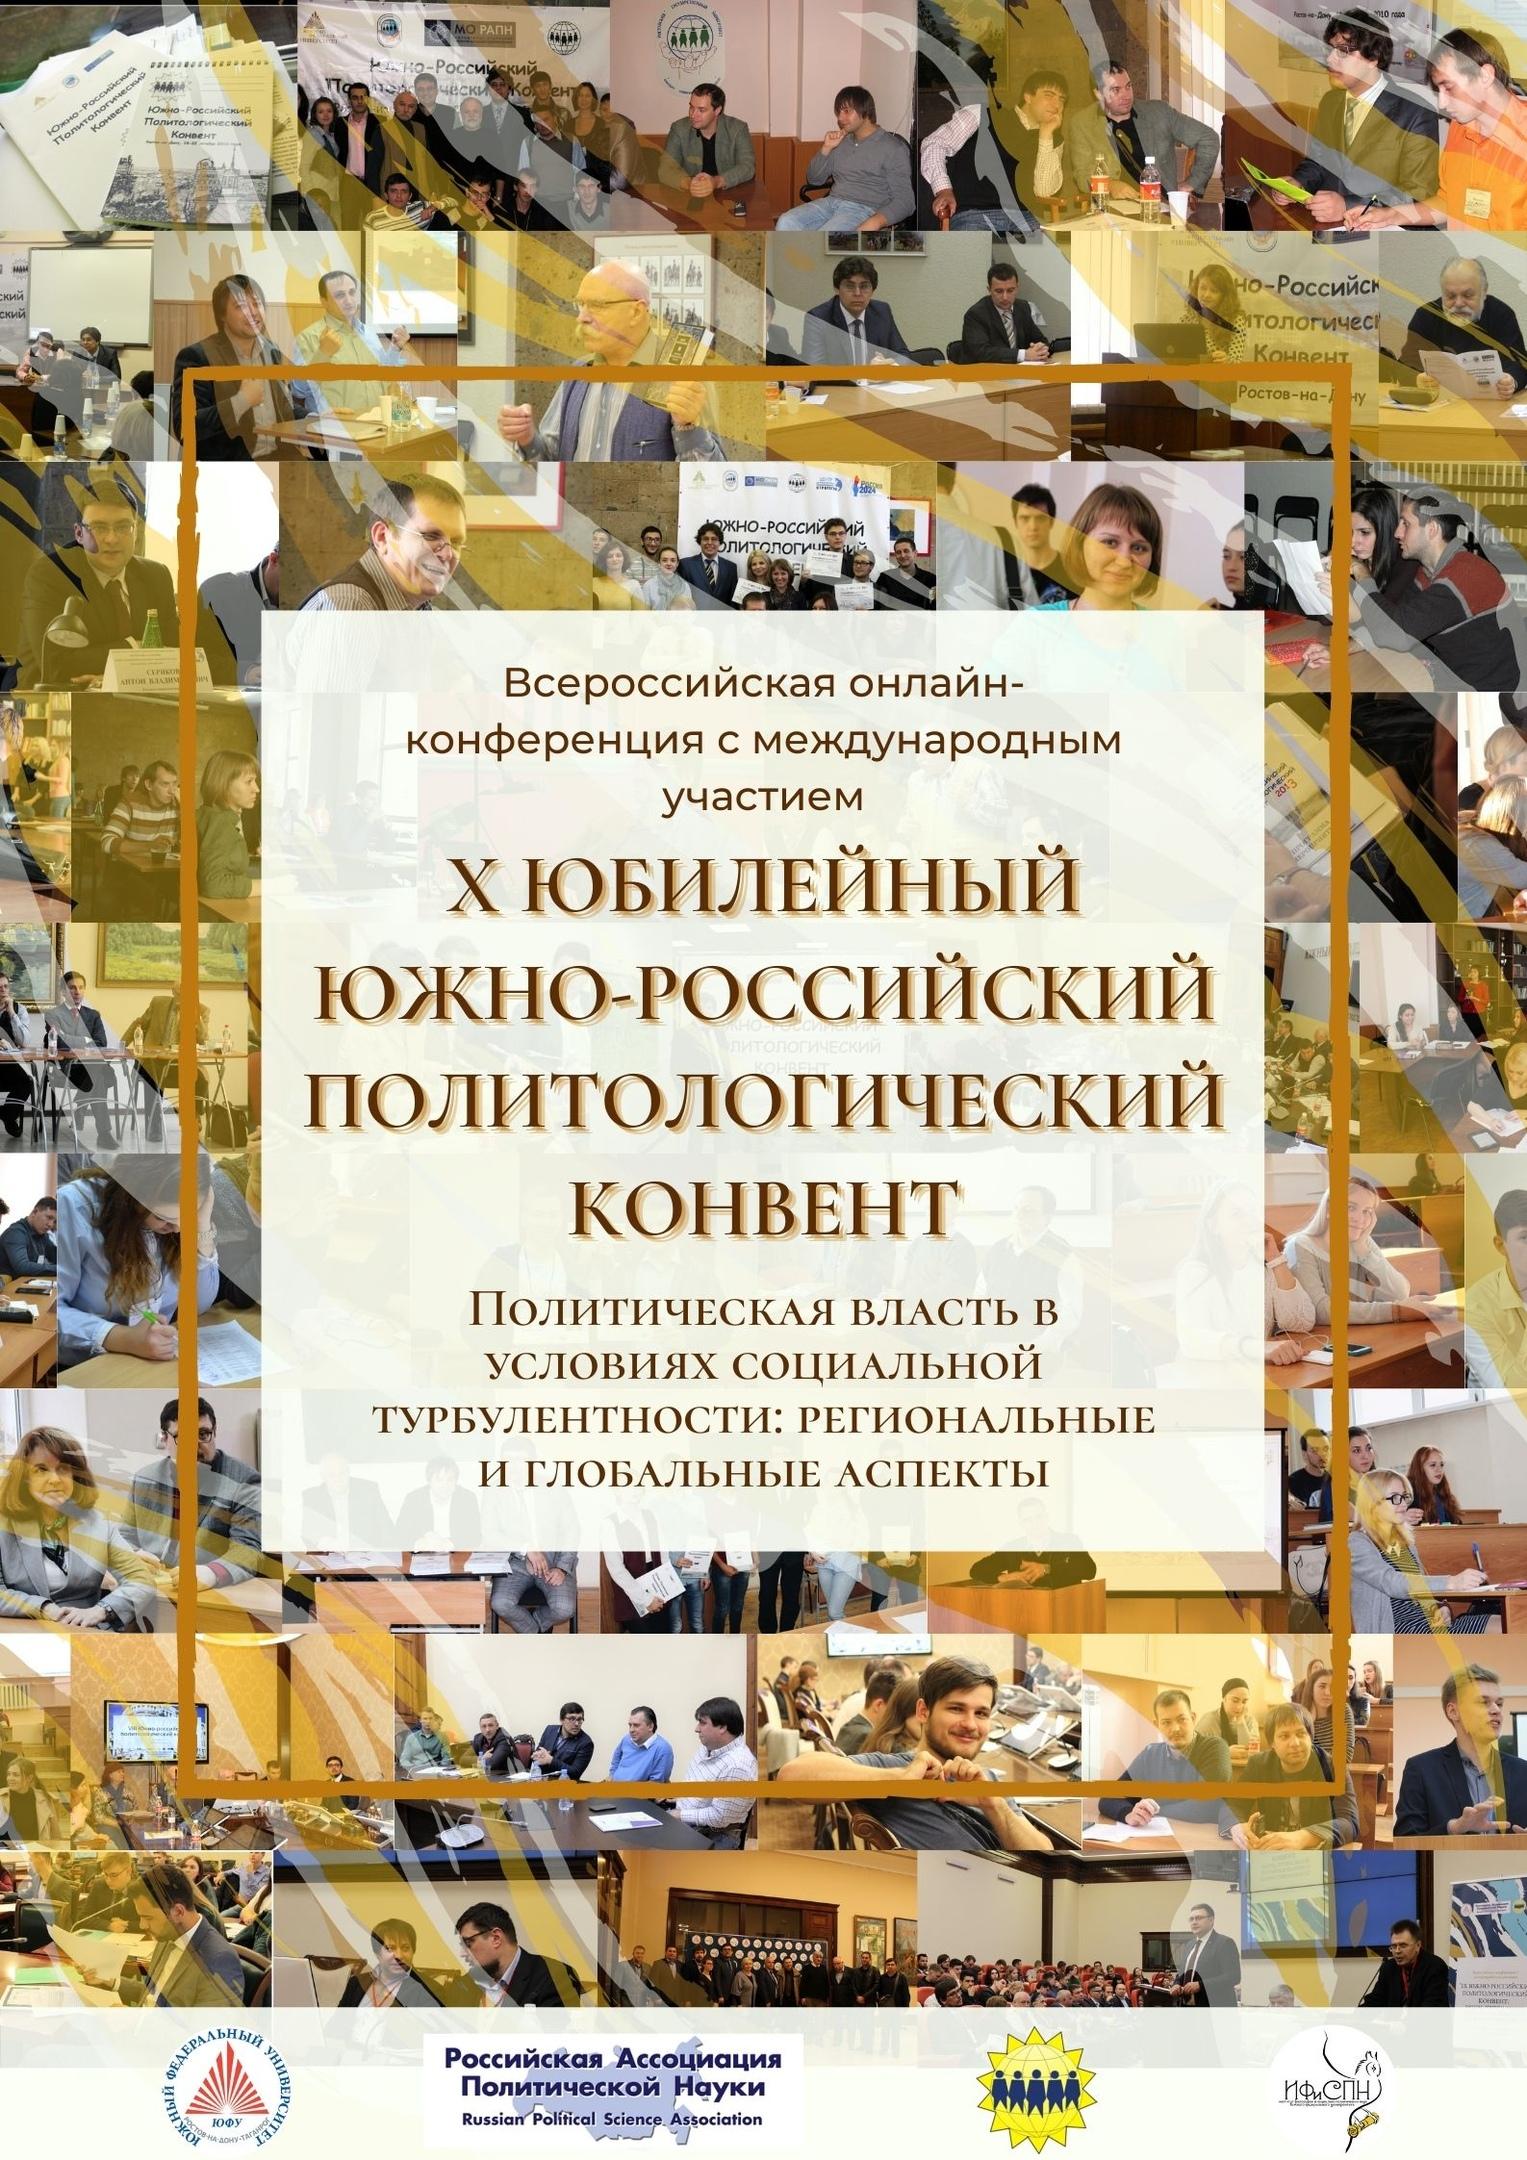 Х Юбилейный Южно-российский политологический конвент